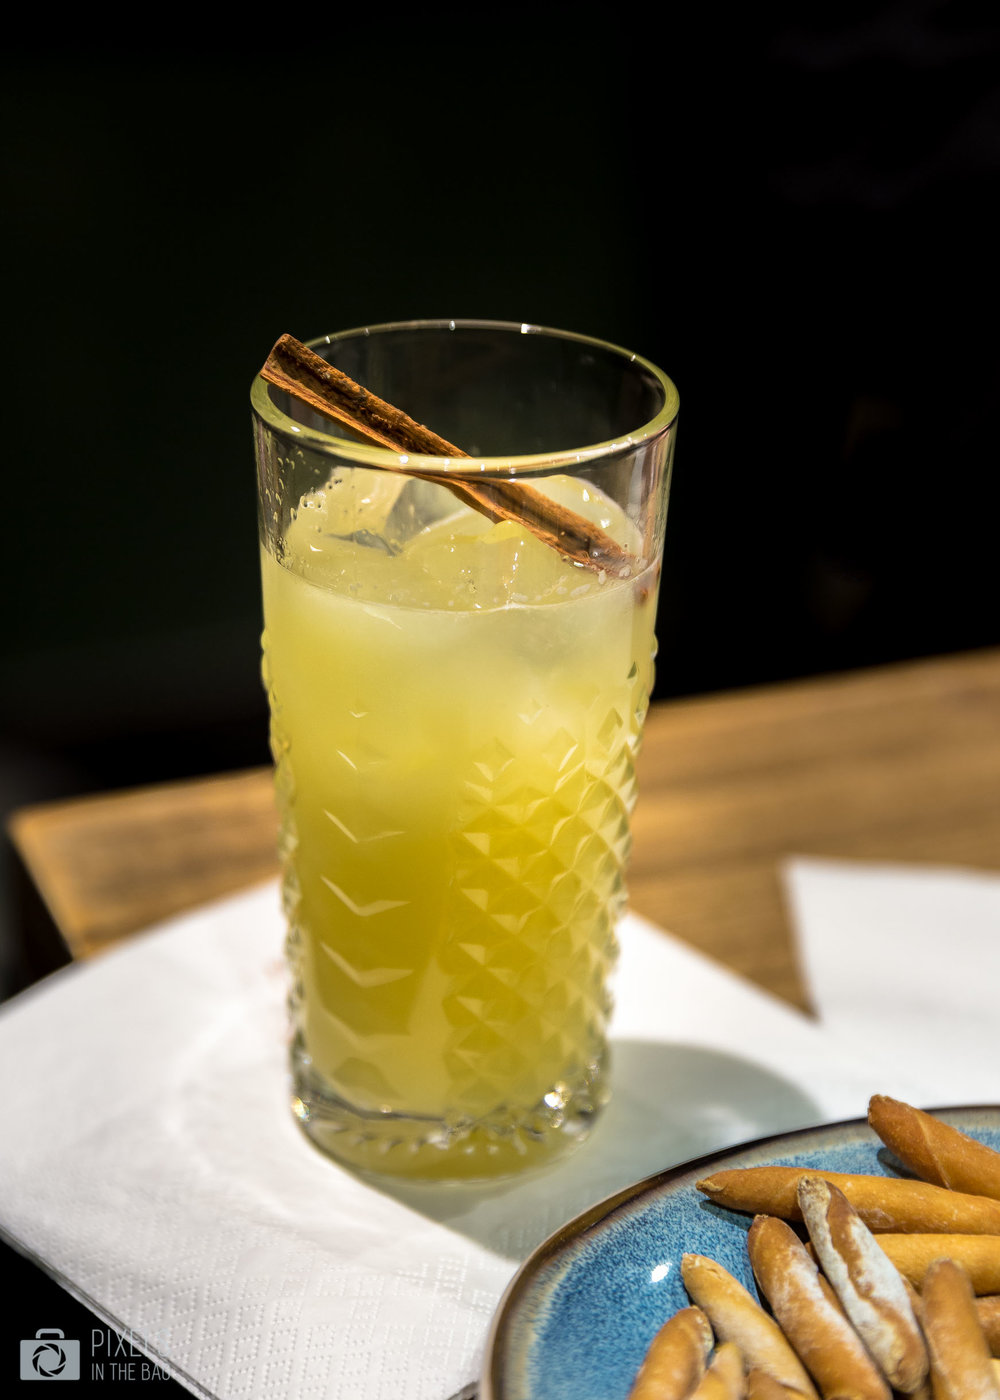 delhaize-ginger-beer-05.jpg